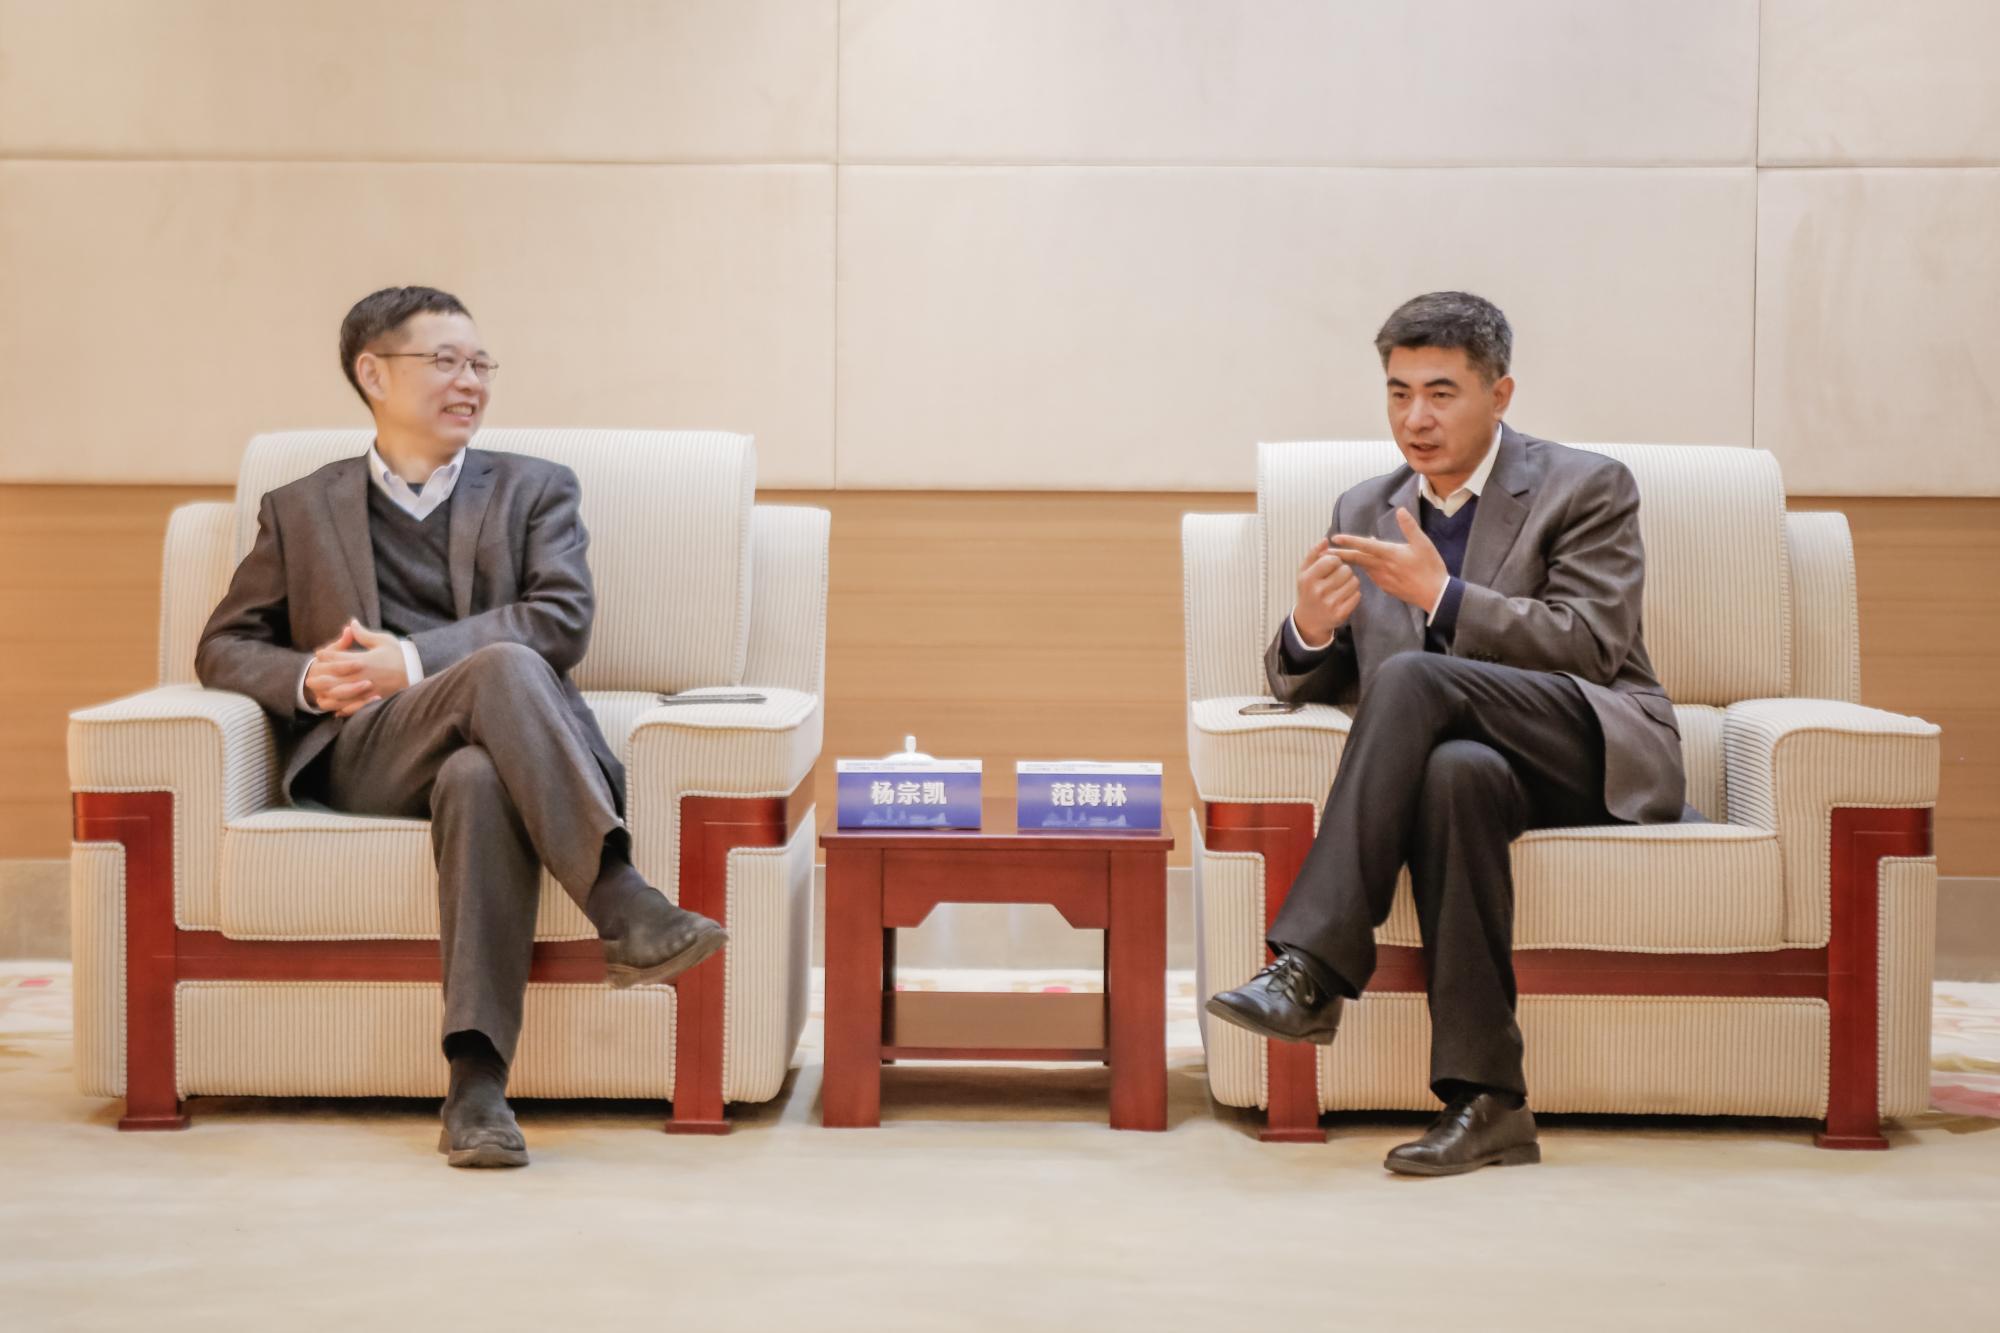 西电承办教育部新一届电子信息类教指委成立会议